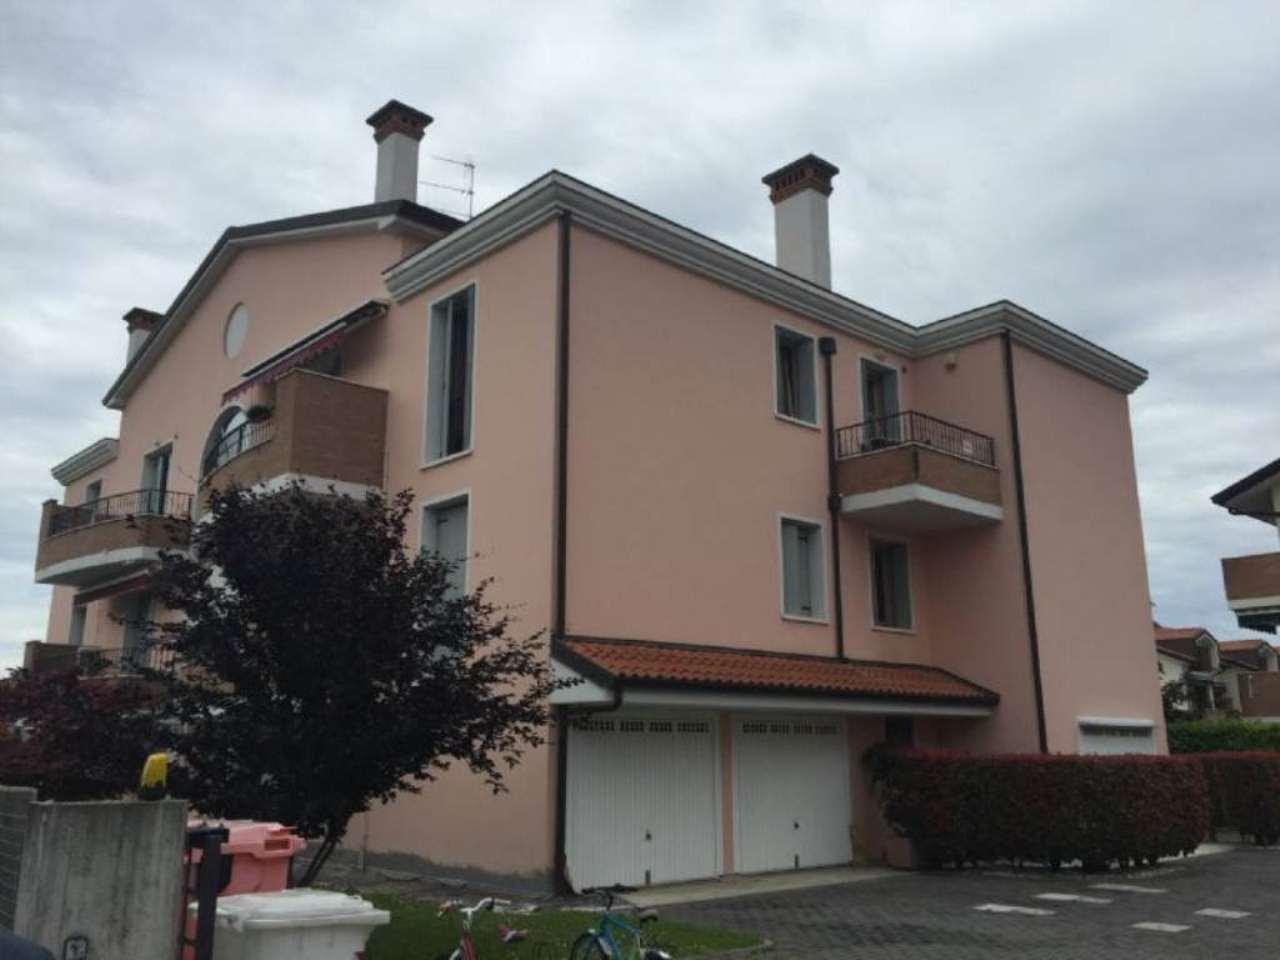 Appartamento in vendita a San Donà di Piave, 5 locali, prezzo € 180.000 | Cambio Casa.it